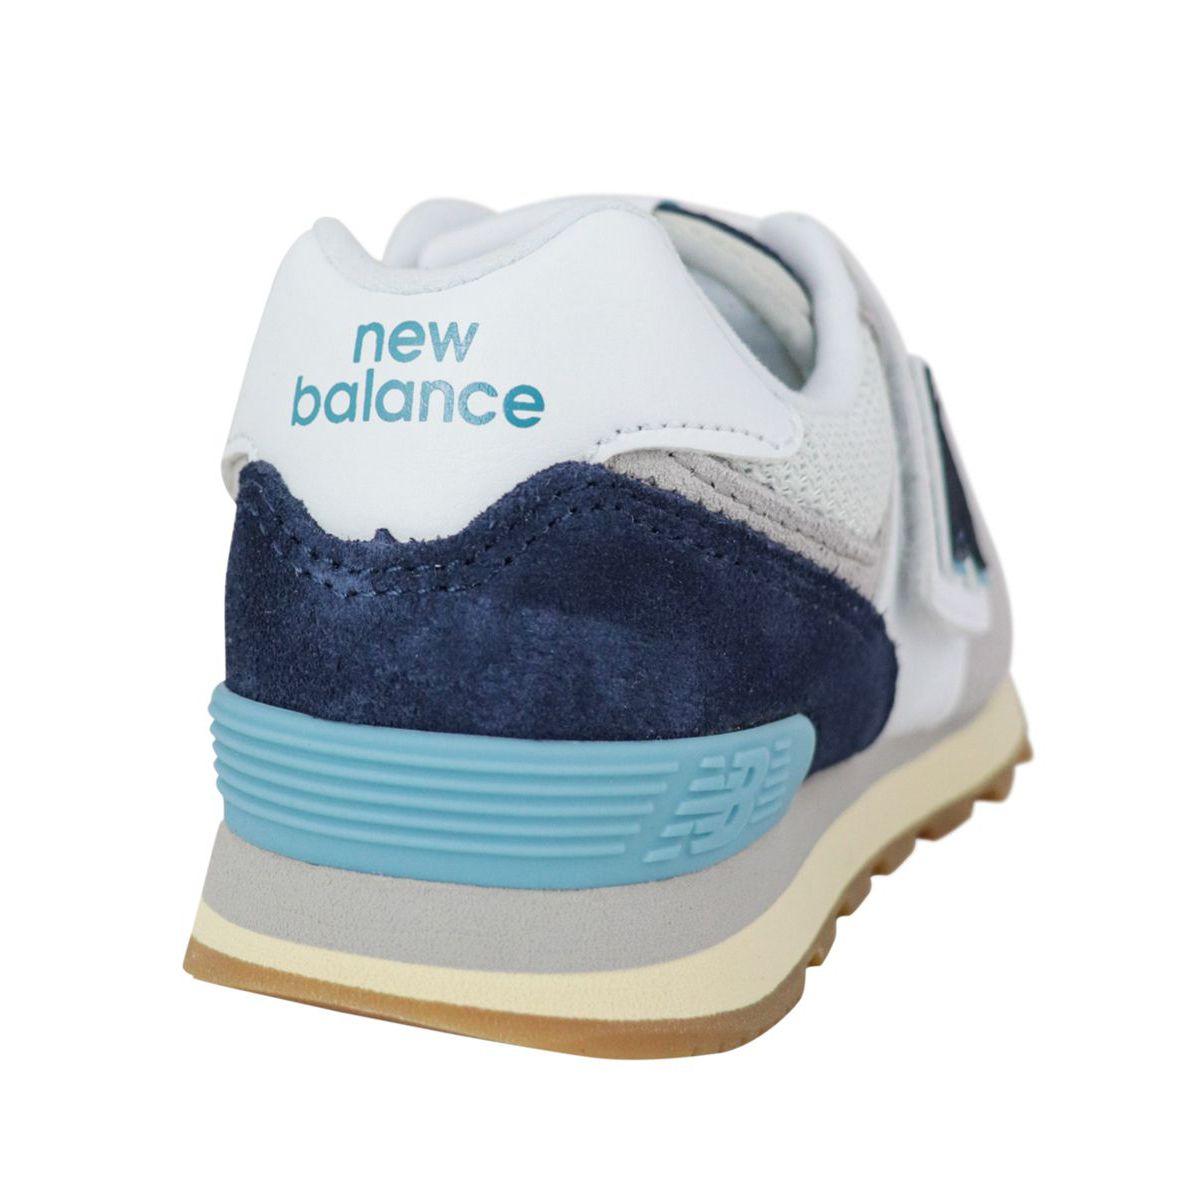 new balance 574 bambini 22